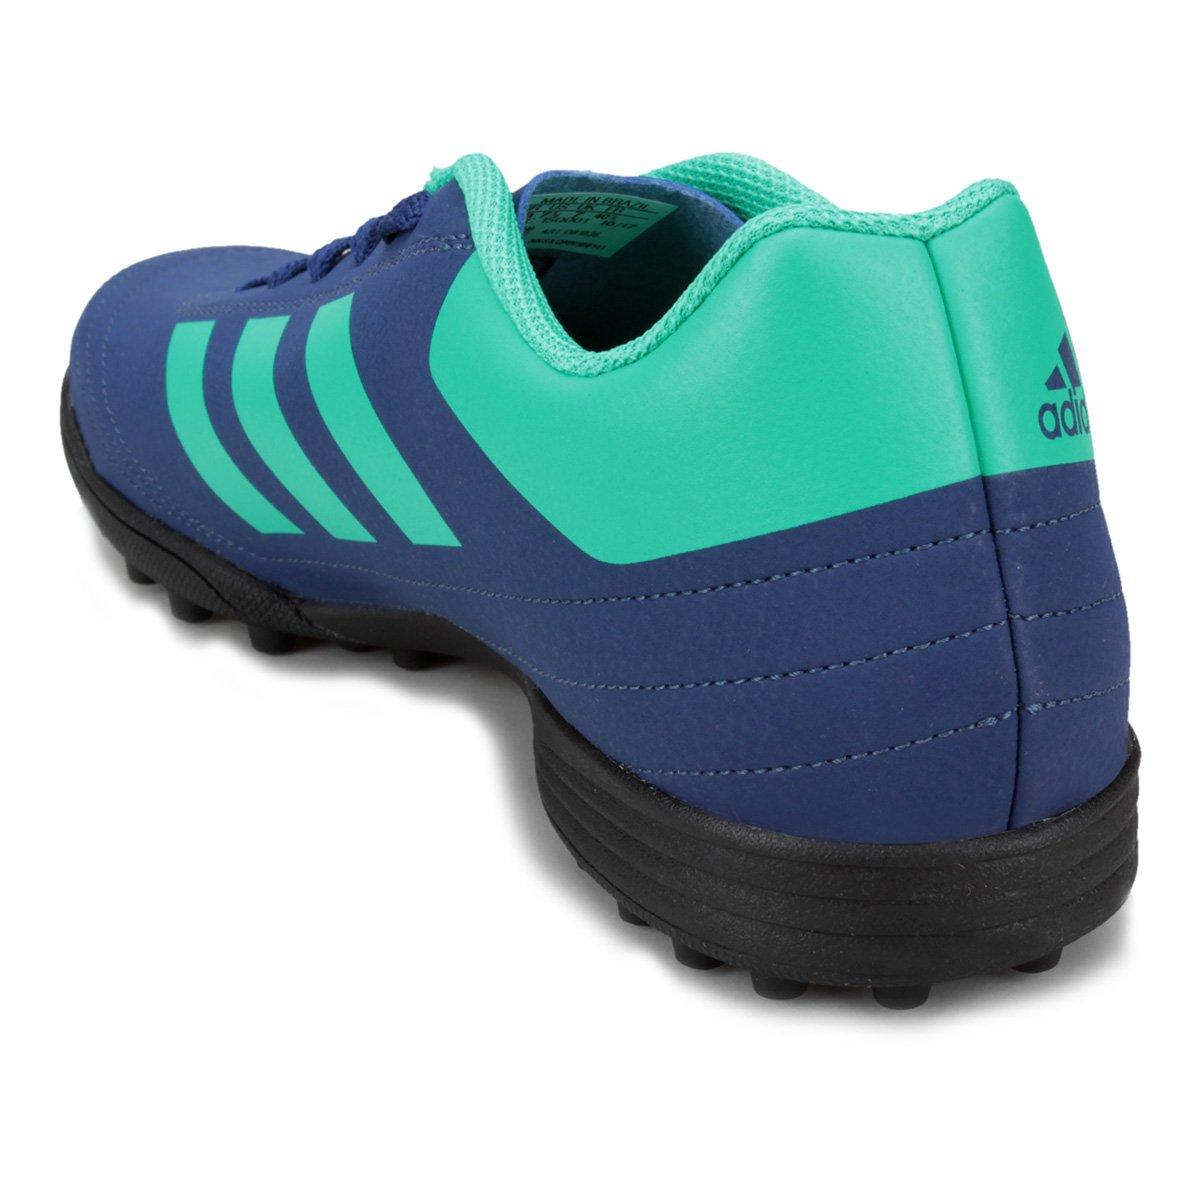 c443b538e9 Chuteira Society Adidas Goletto 6 TF